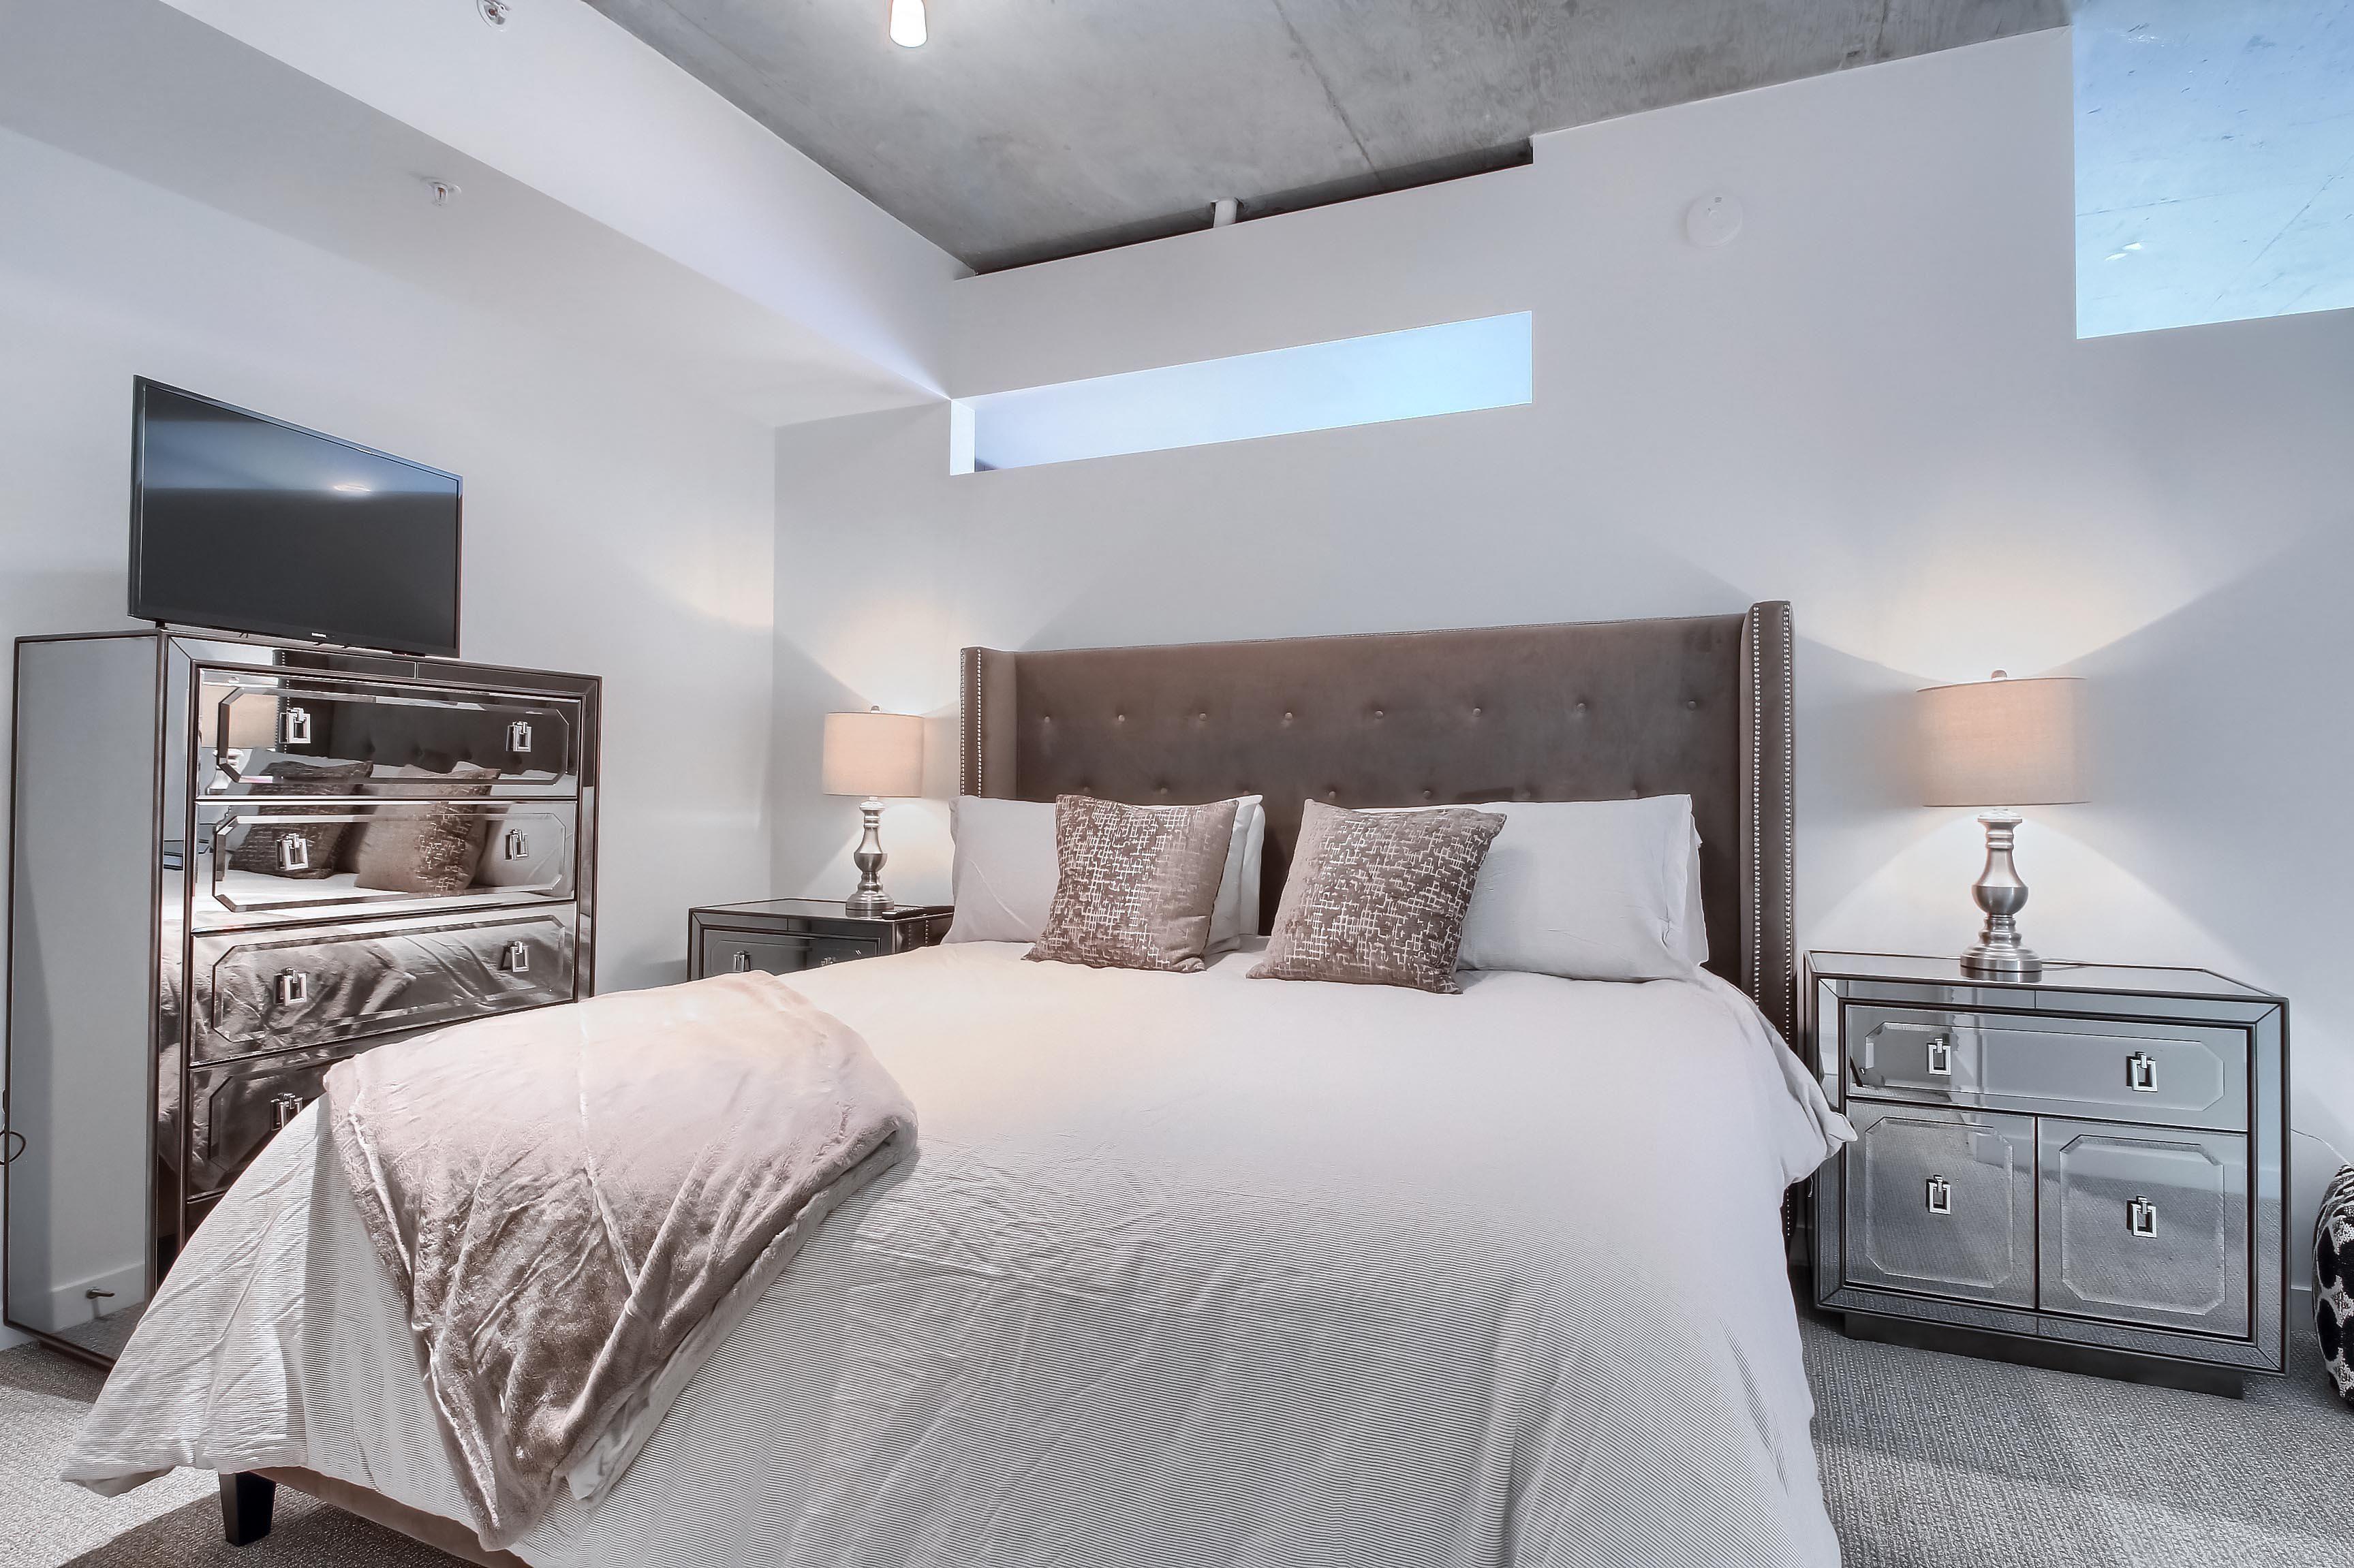 04_Main_Bedroom__MG_1112.JPG